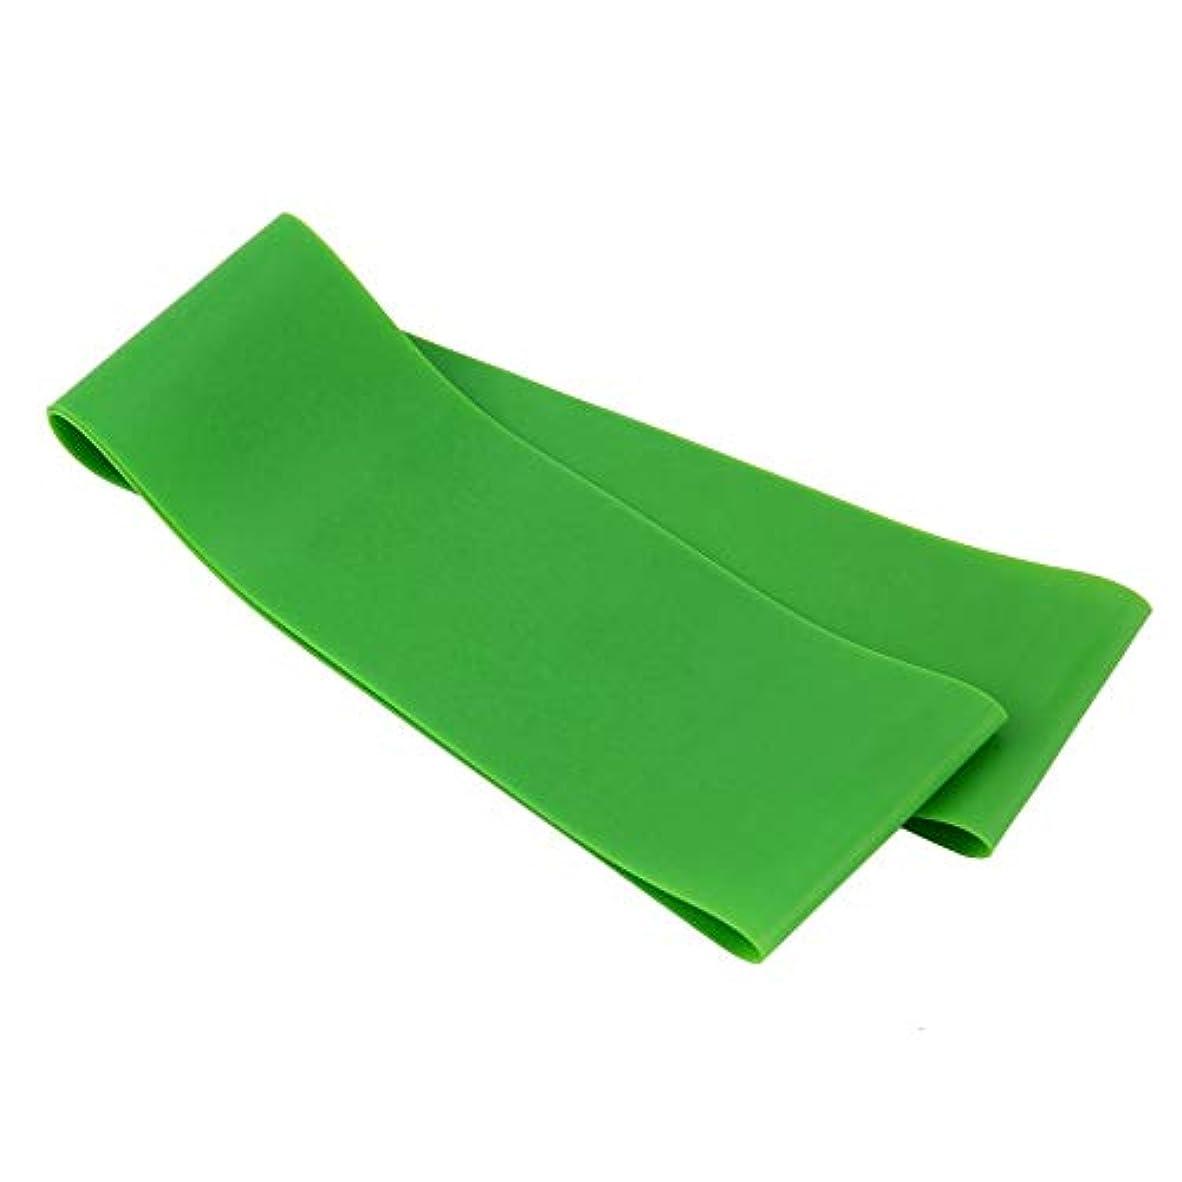 時制窓を洗う全く滑り止め伸縮性ゴム弾性ヨガベルトバンドプルロープ張力抵抗バンドループ強度のためのフィットネスヨガツール - グリーン